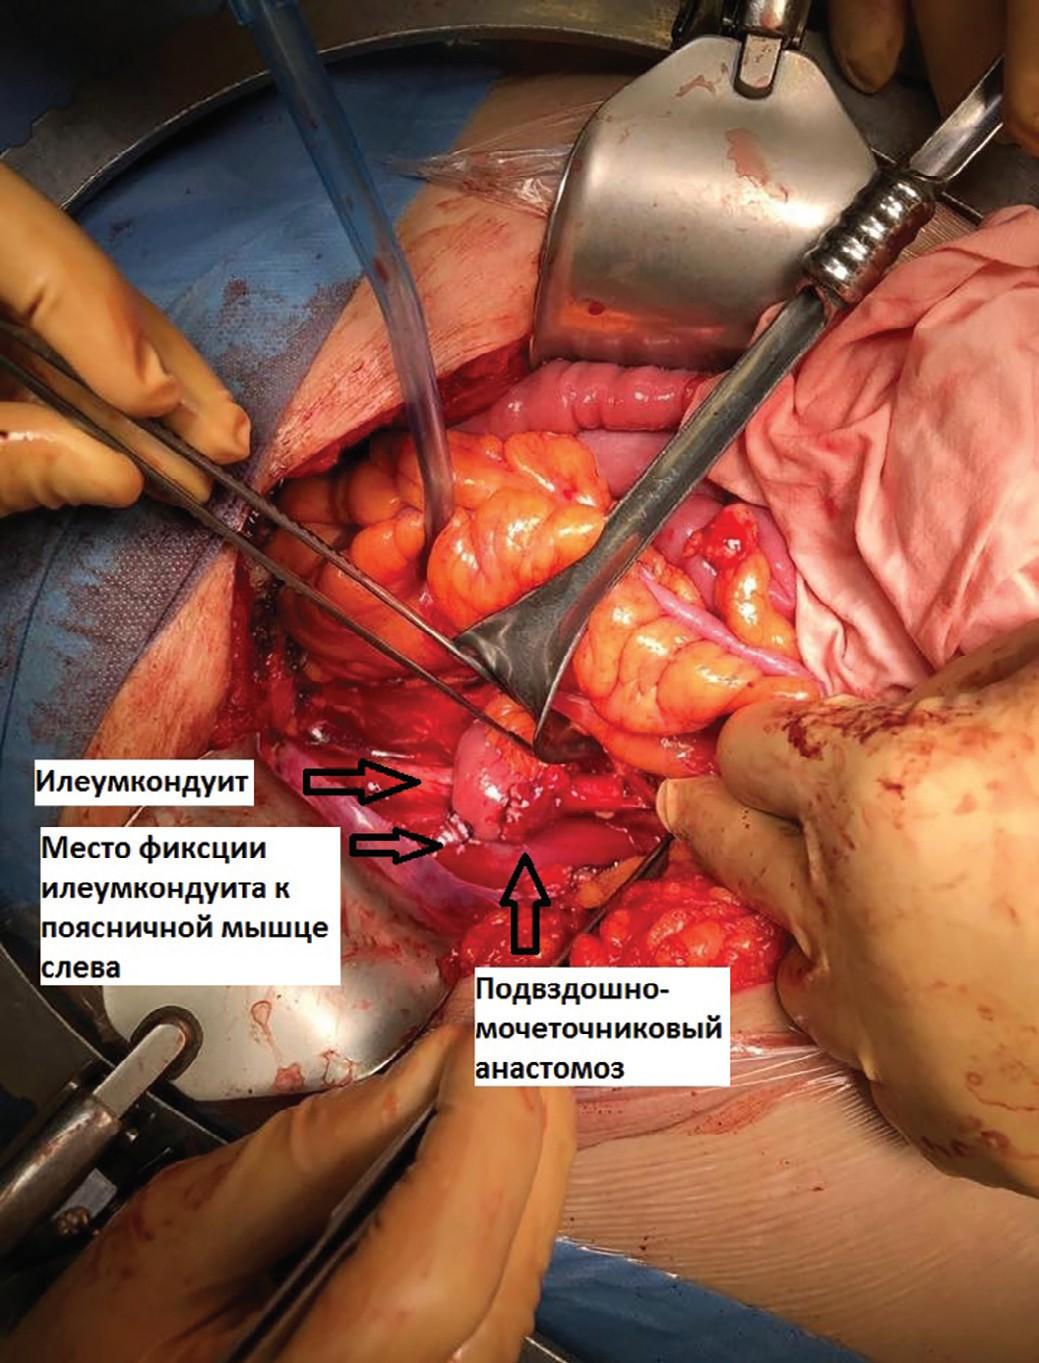 Проксимальный конец илеумкондуита, проведенный под брыжейкой сигмовидной ободочной кишки и фиксированный отдельными швами к поясничной мышце, сформирован уретероилеоанастомоз